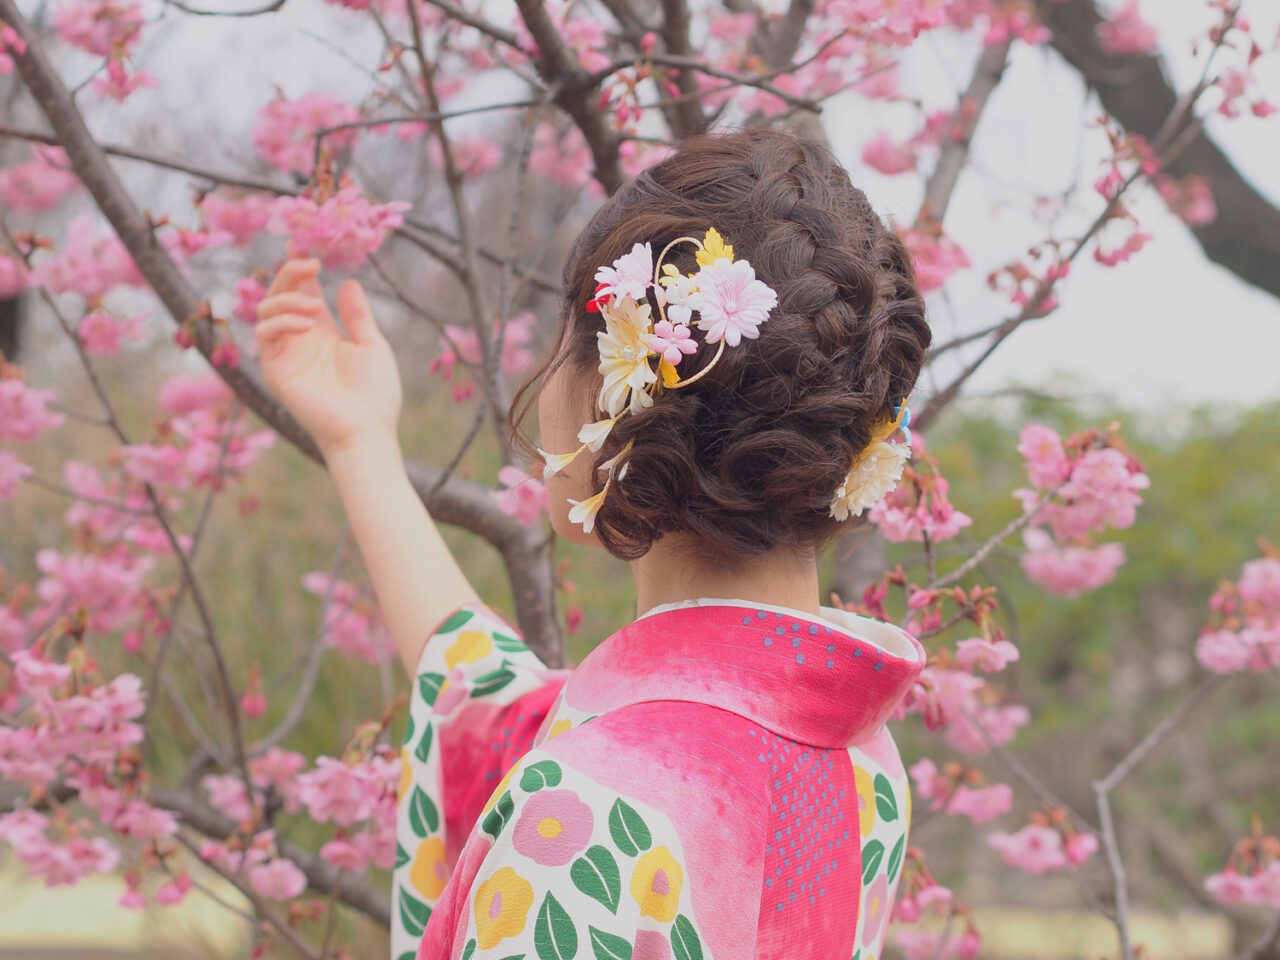 日本の女性は美しい。やまとなでしこの作法に倣う、四季折々の美人仕草について